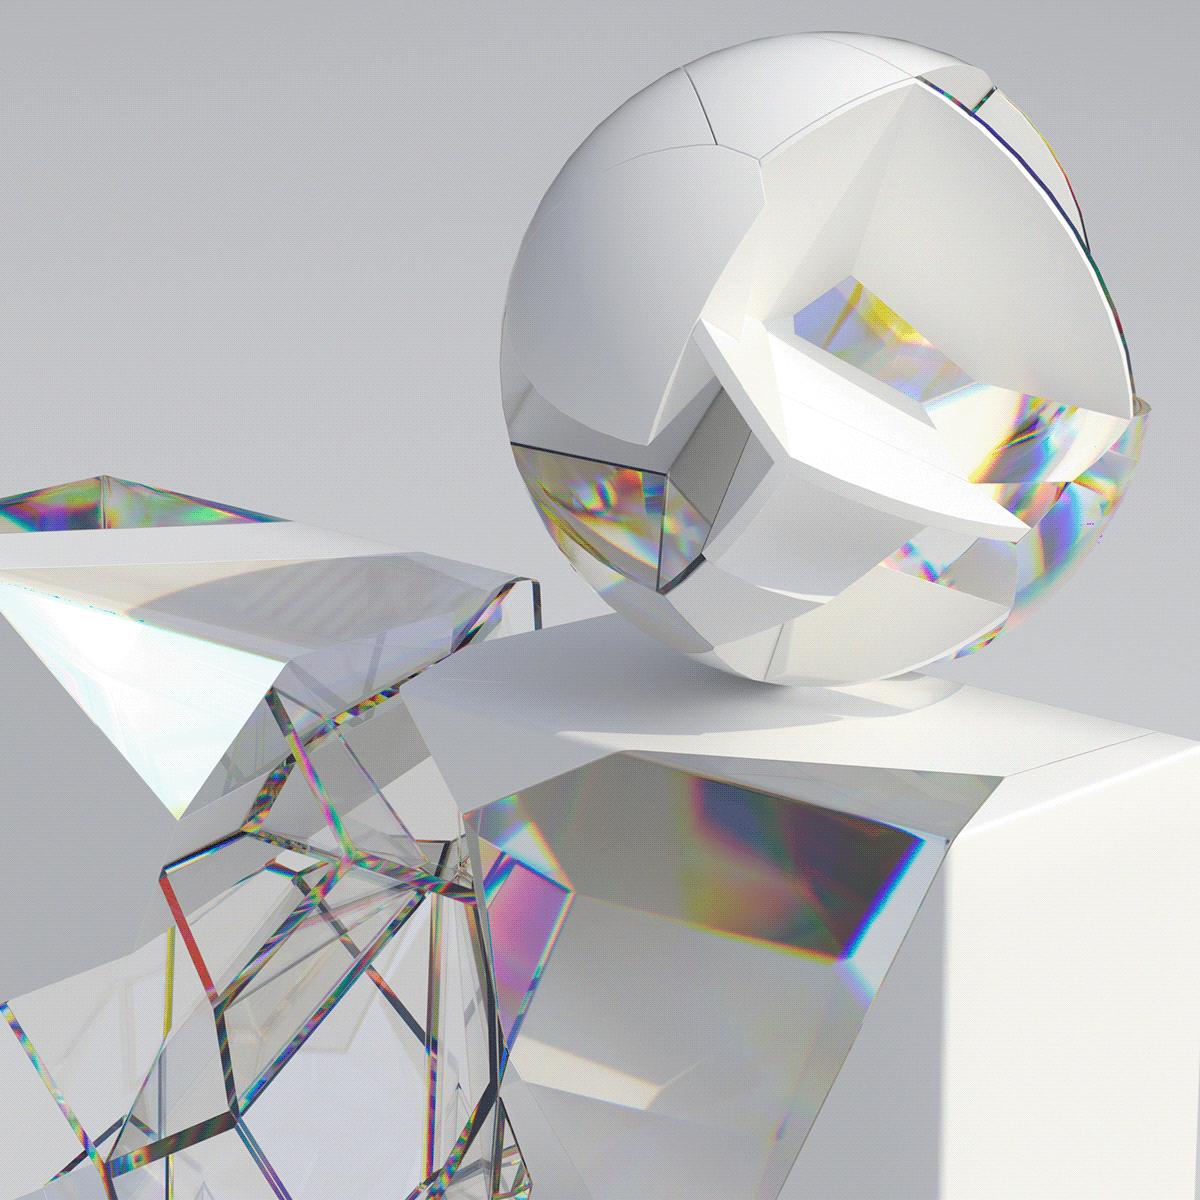 c4d colors shapes minimal White blue gradient glass octane cinema4d